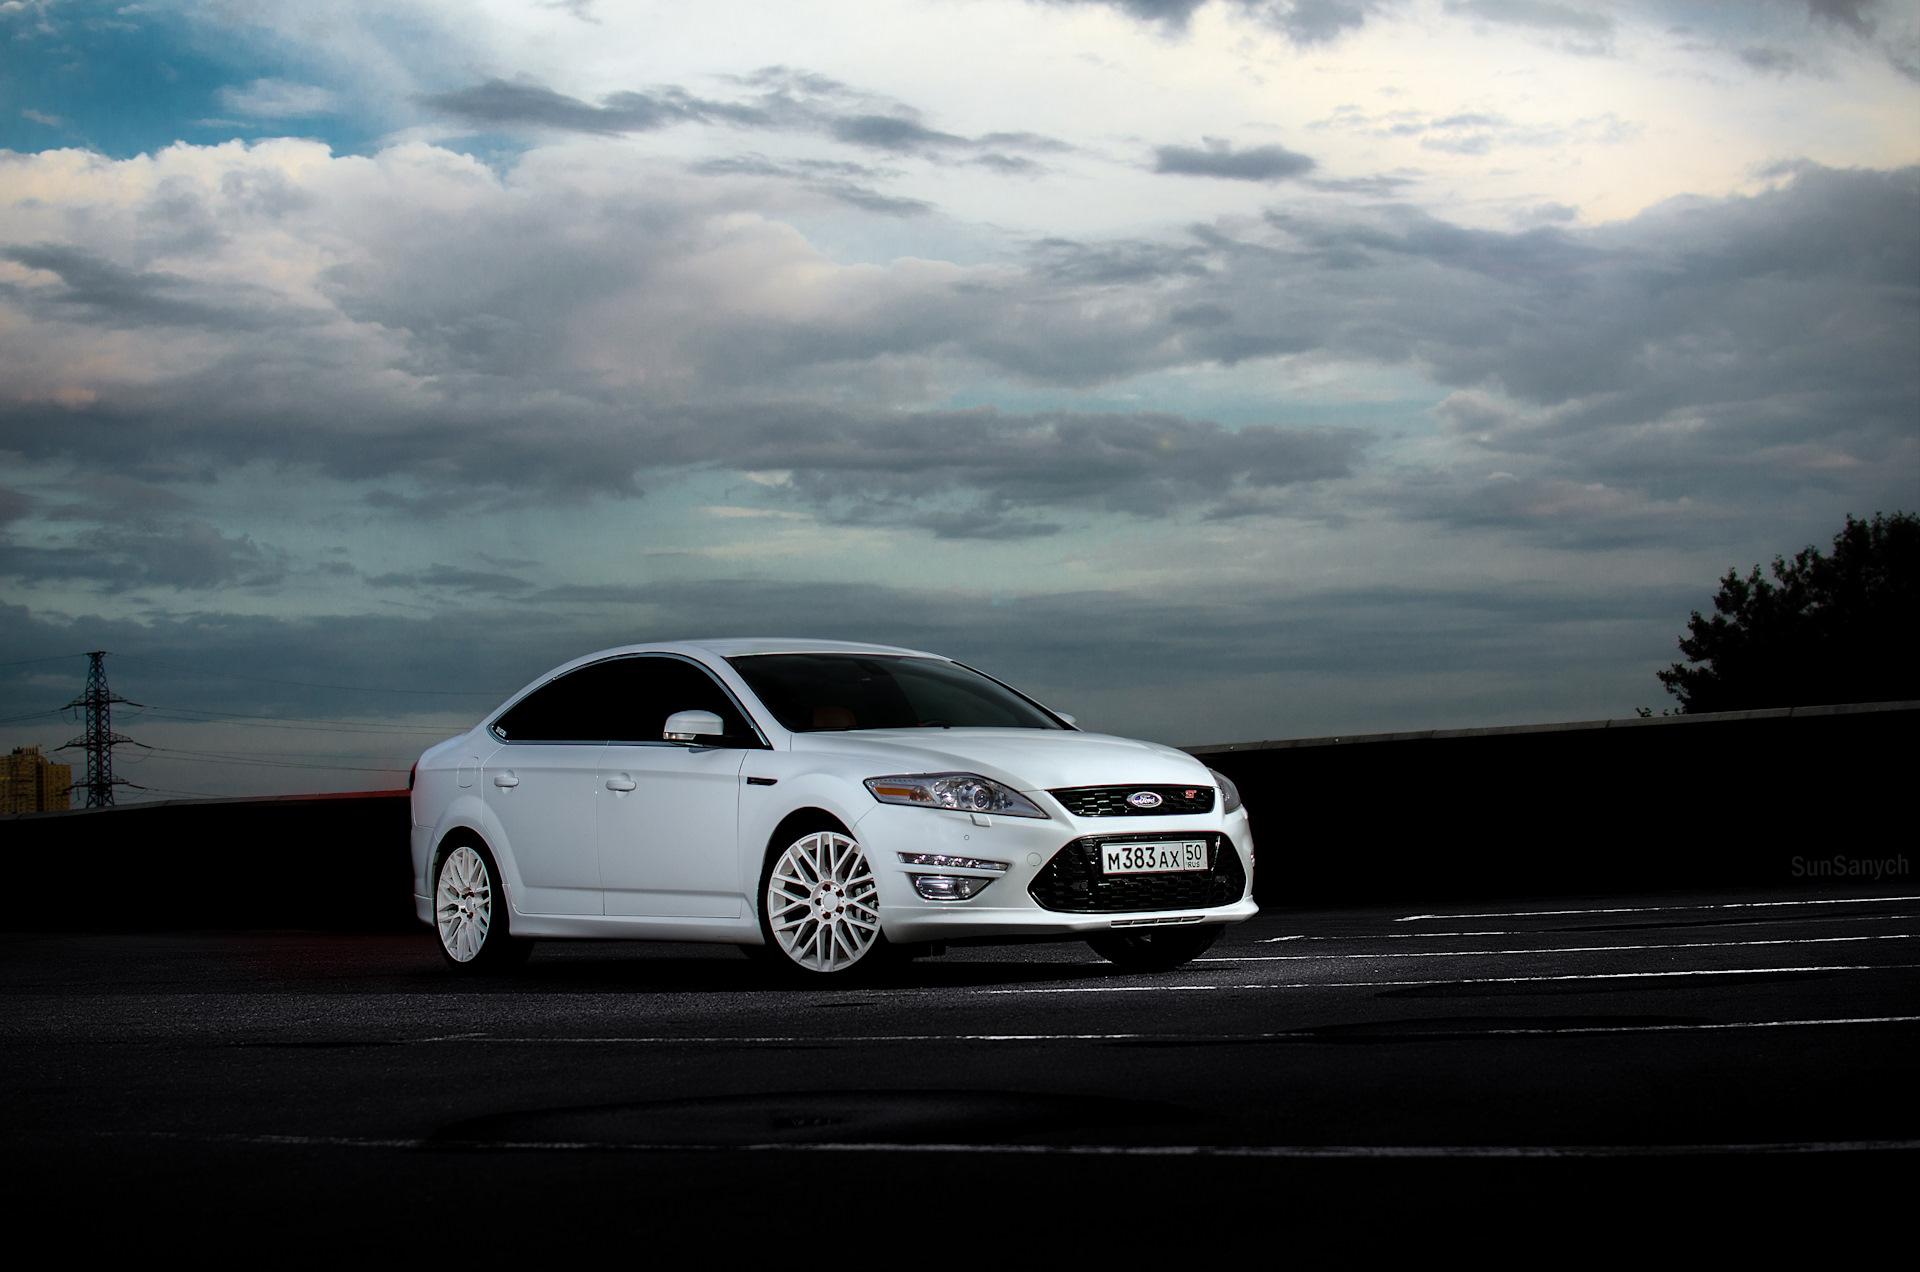 Форд мондео белый картинки